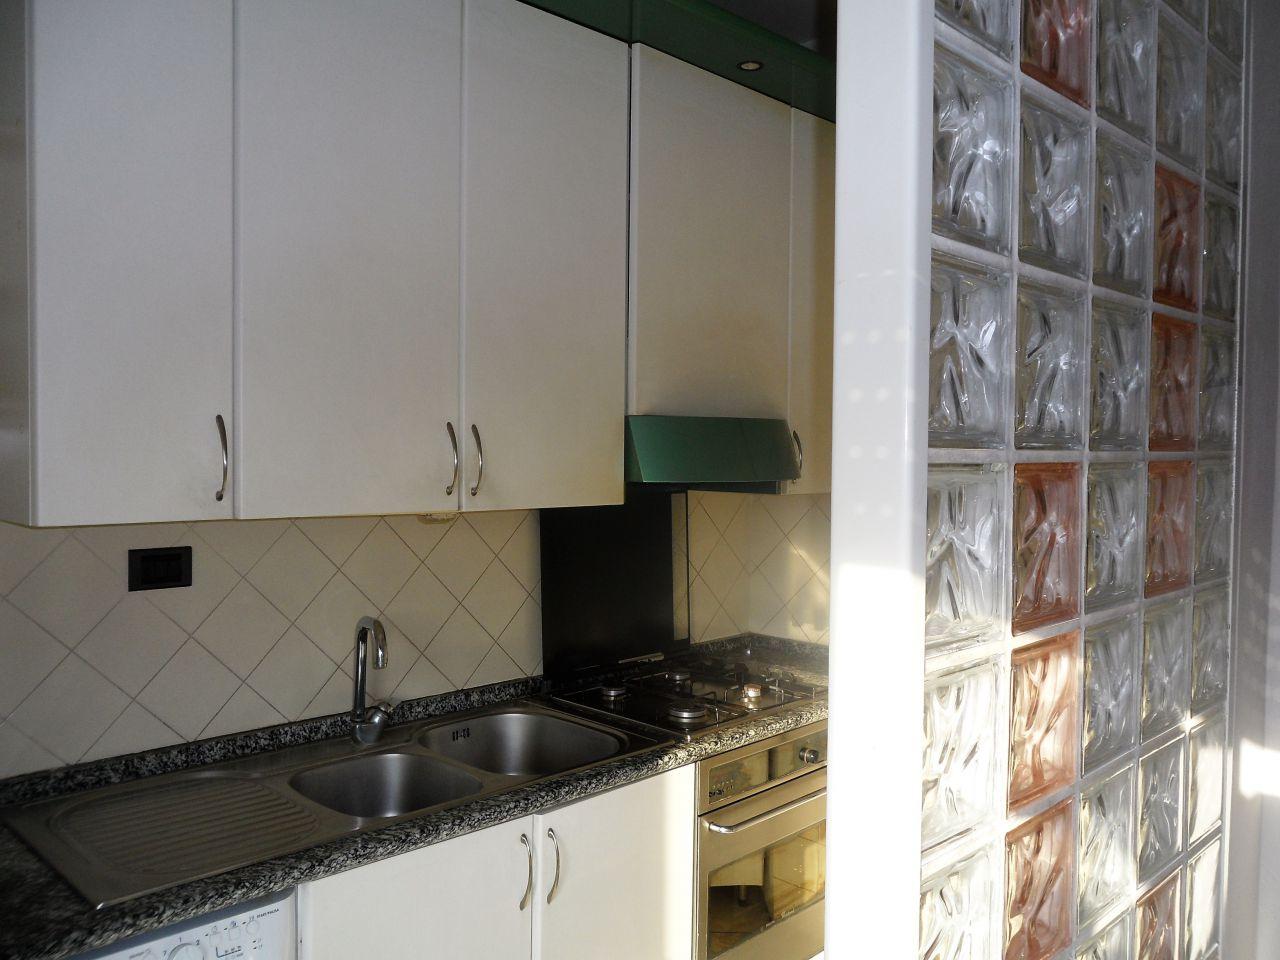 Appartamento in affitto a San Miniato, 3 locali, zona Località: GENERICA, prezzo € 600 | Cambio Casa.it